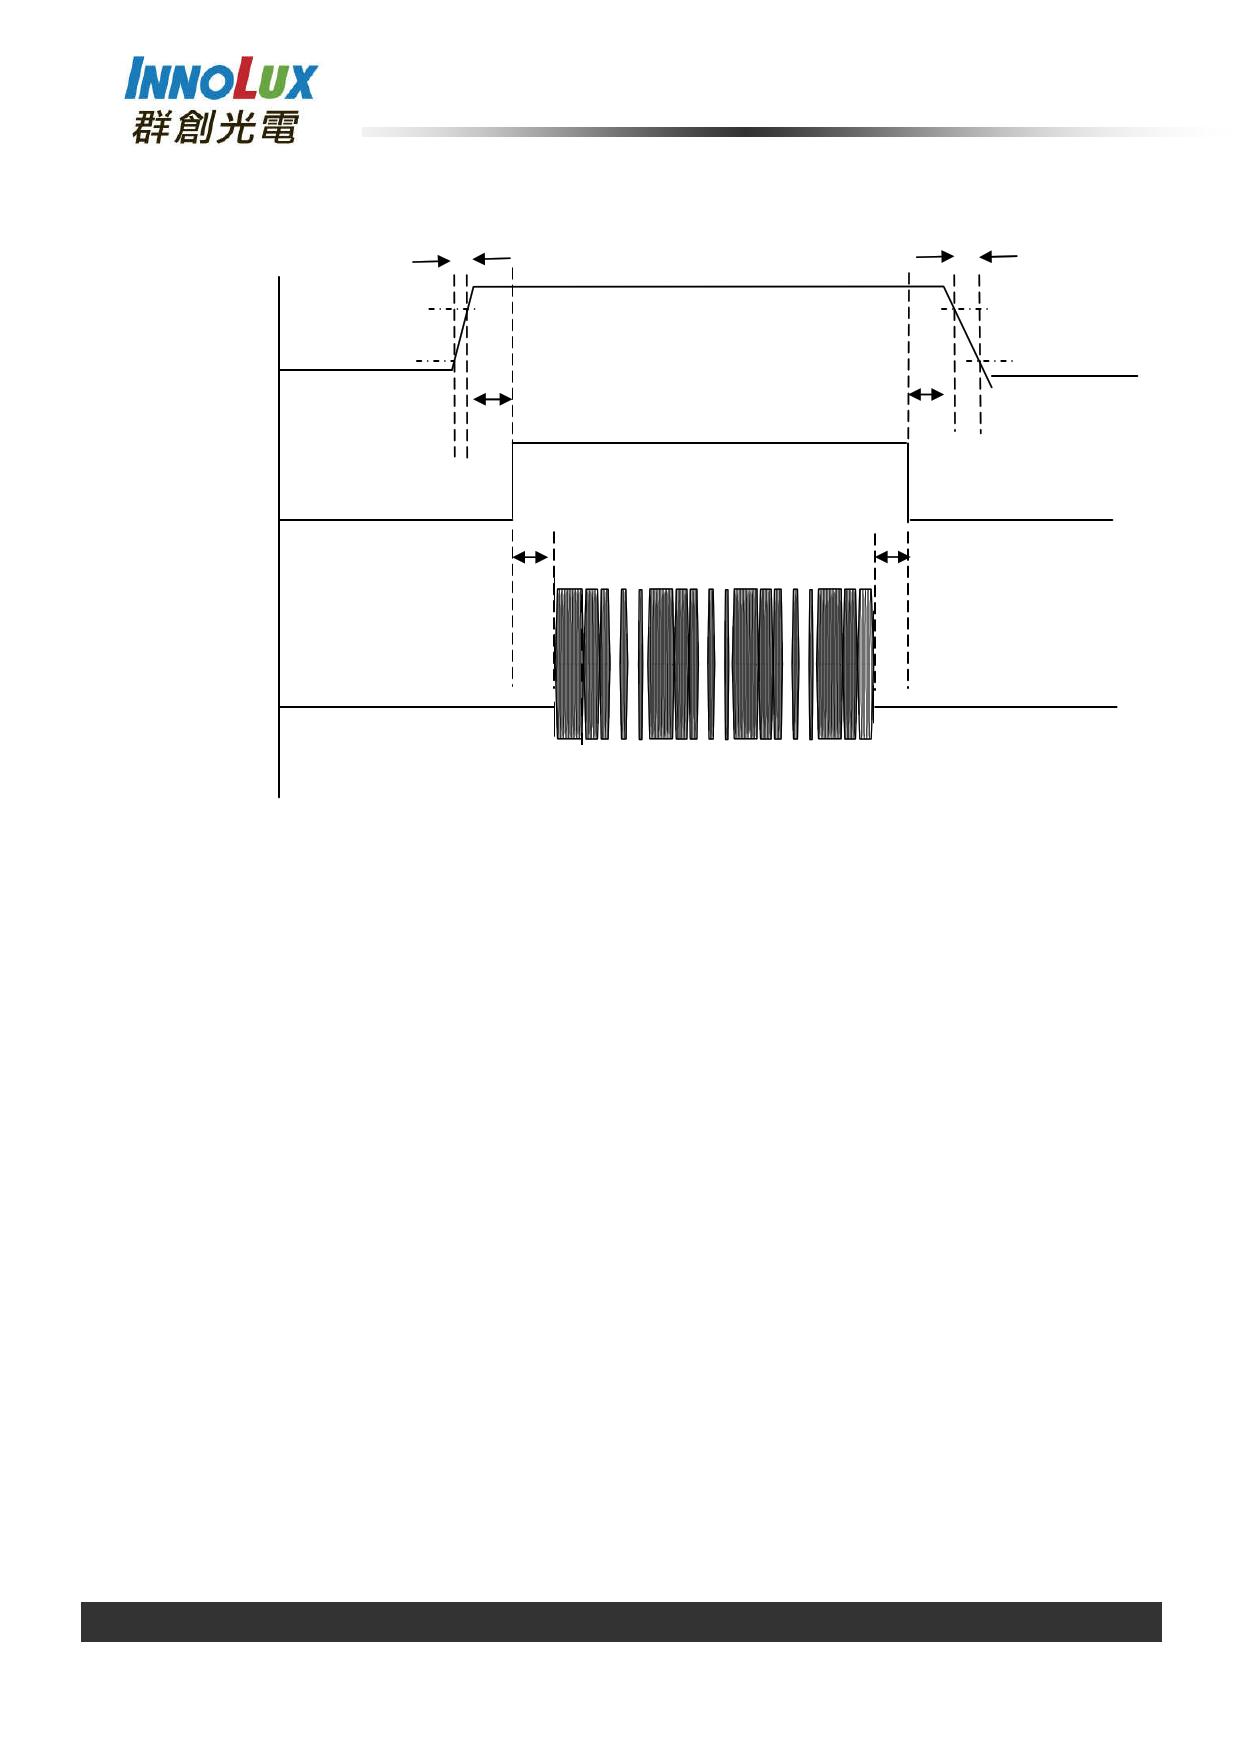 G101ICE-L01 arduino